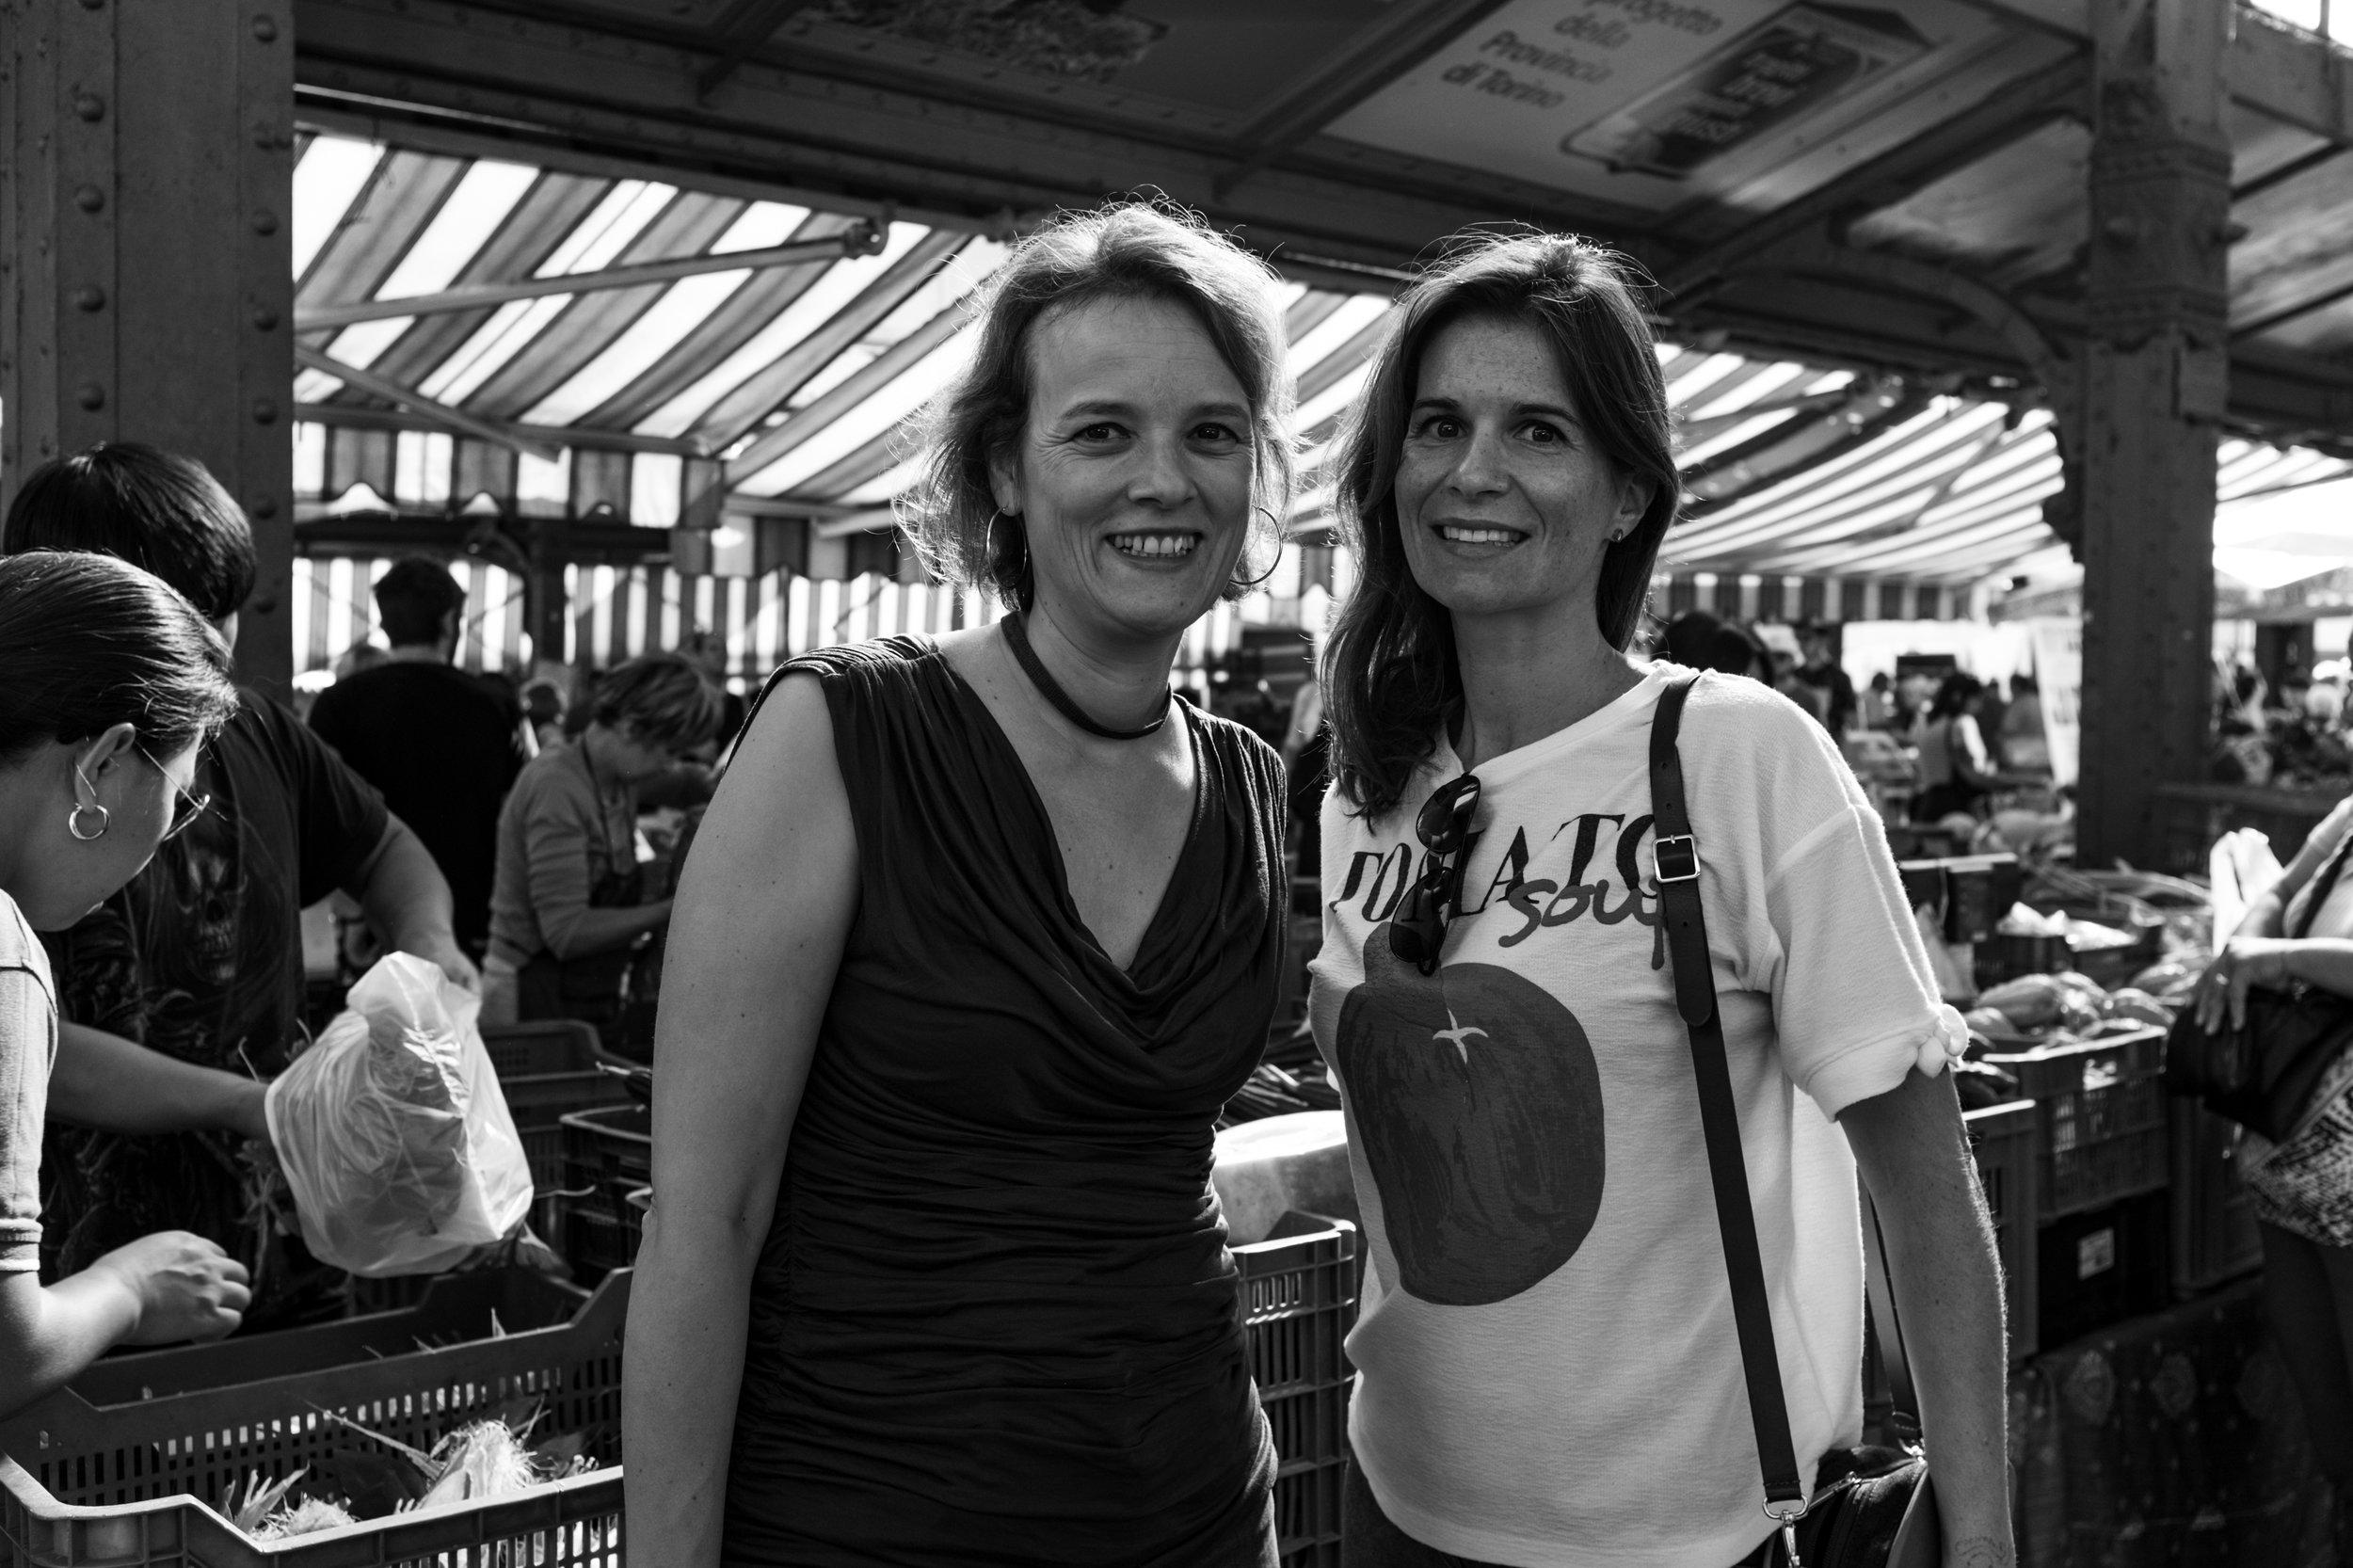 Laura Lopes e Patrícia Conde da NUTS no mercado central de Turim